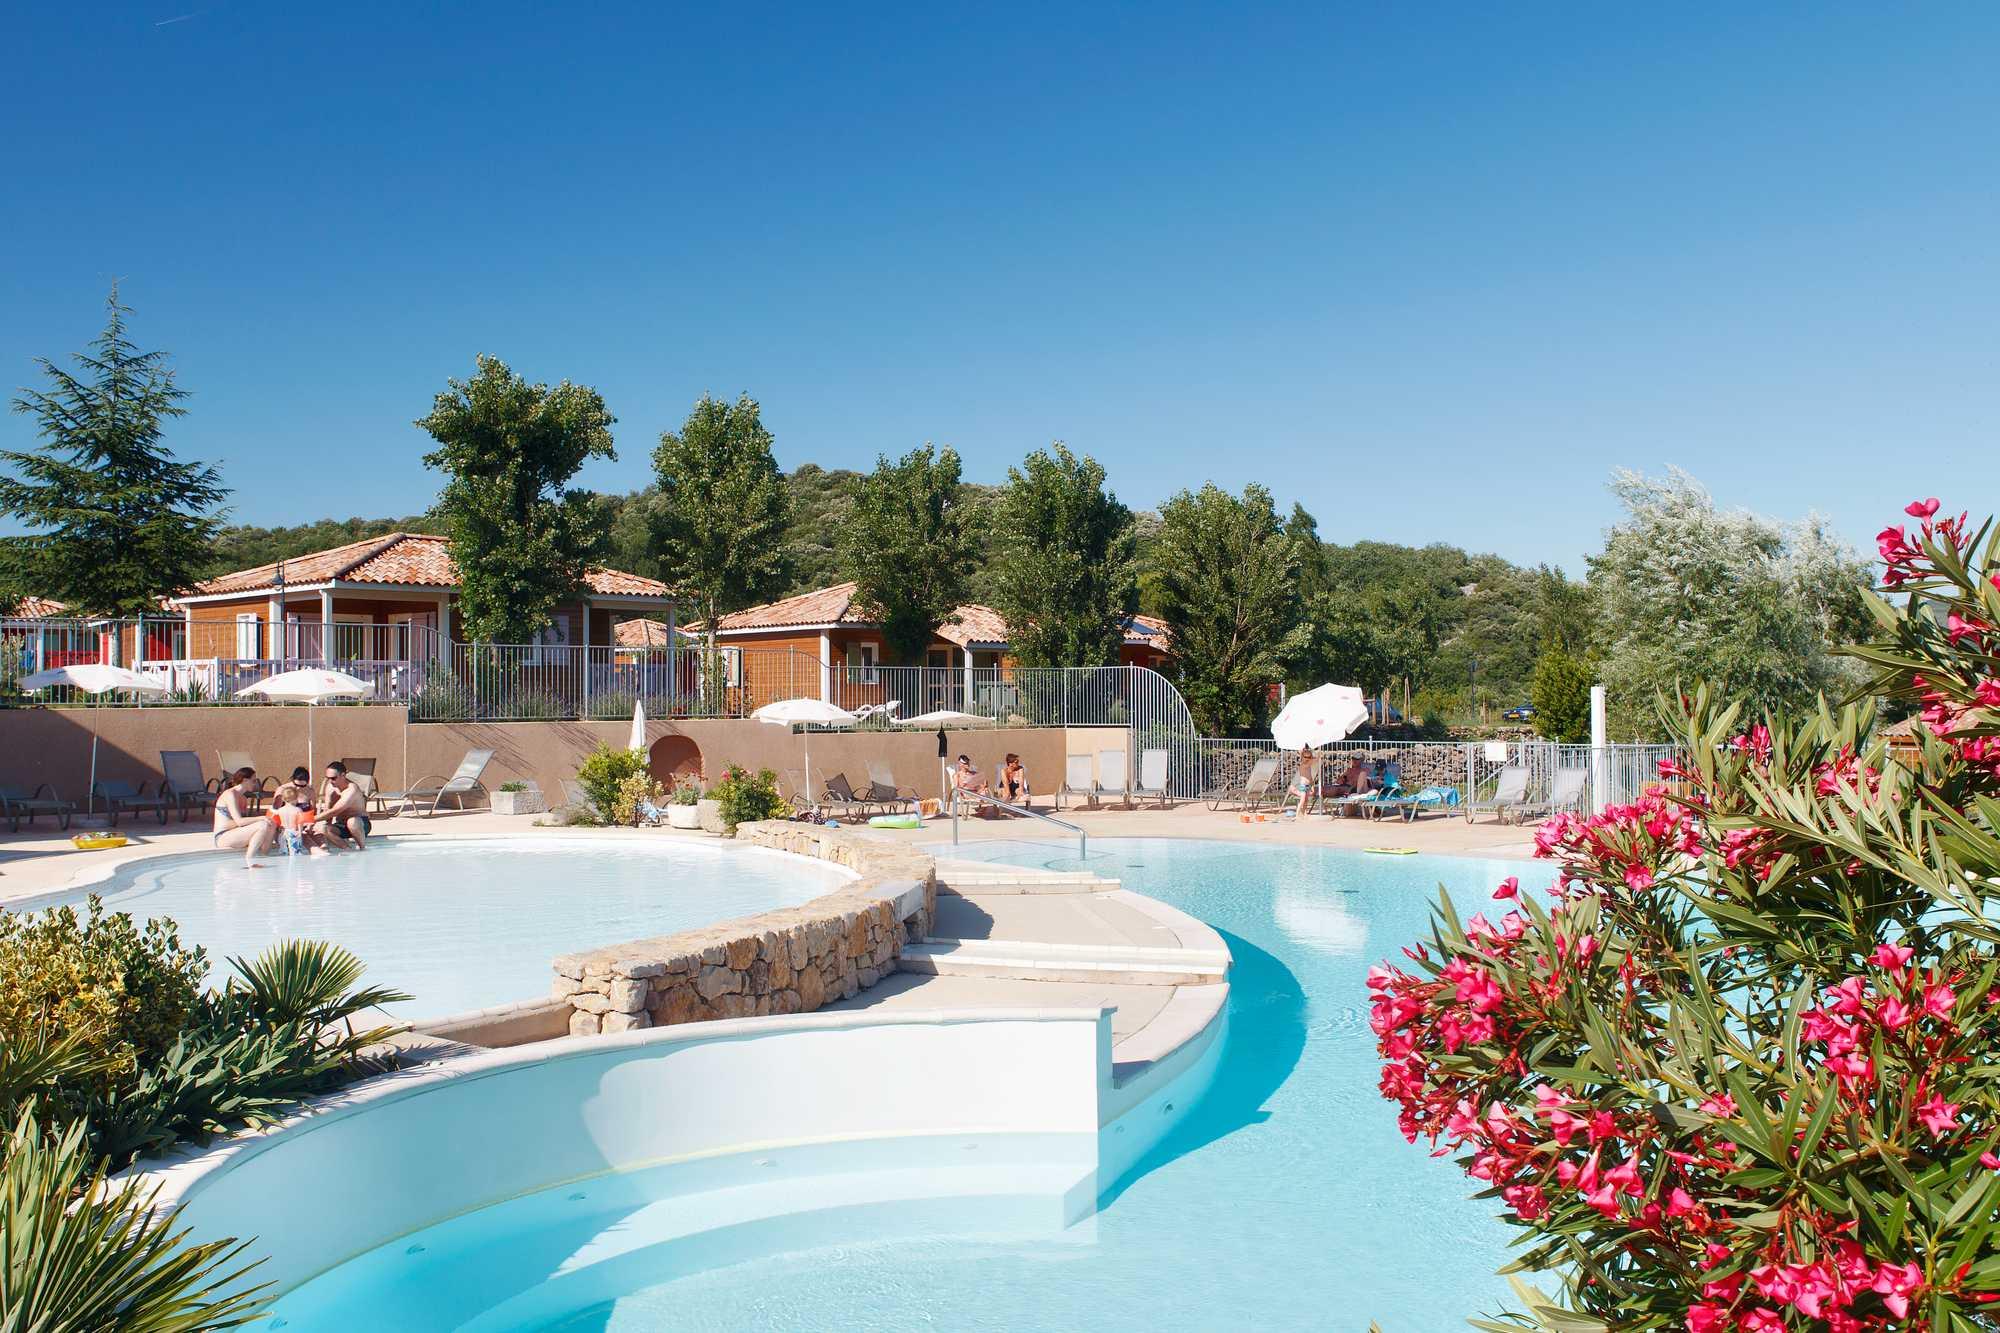 camping Ardèche avec piscine arborée